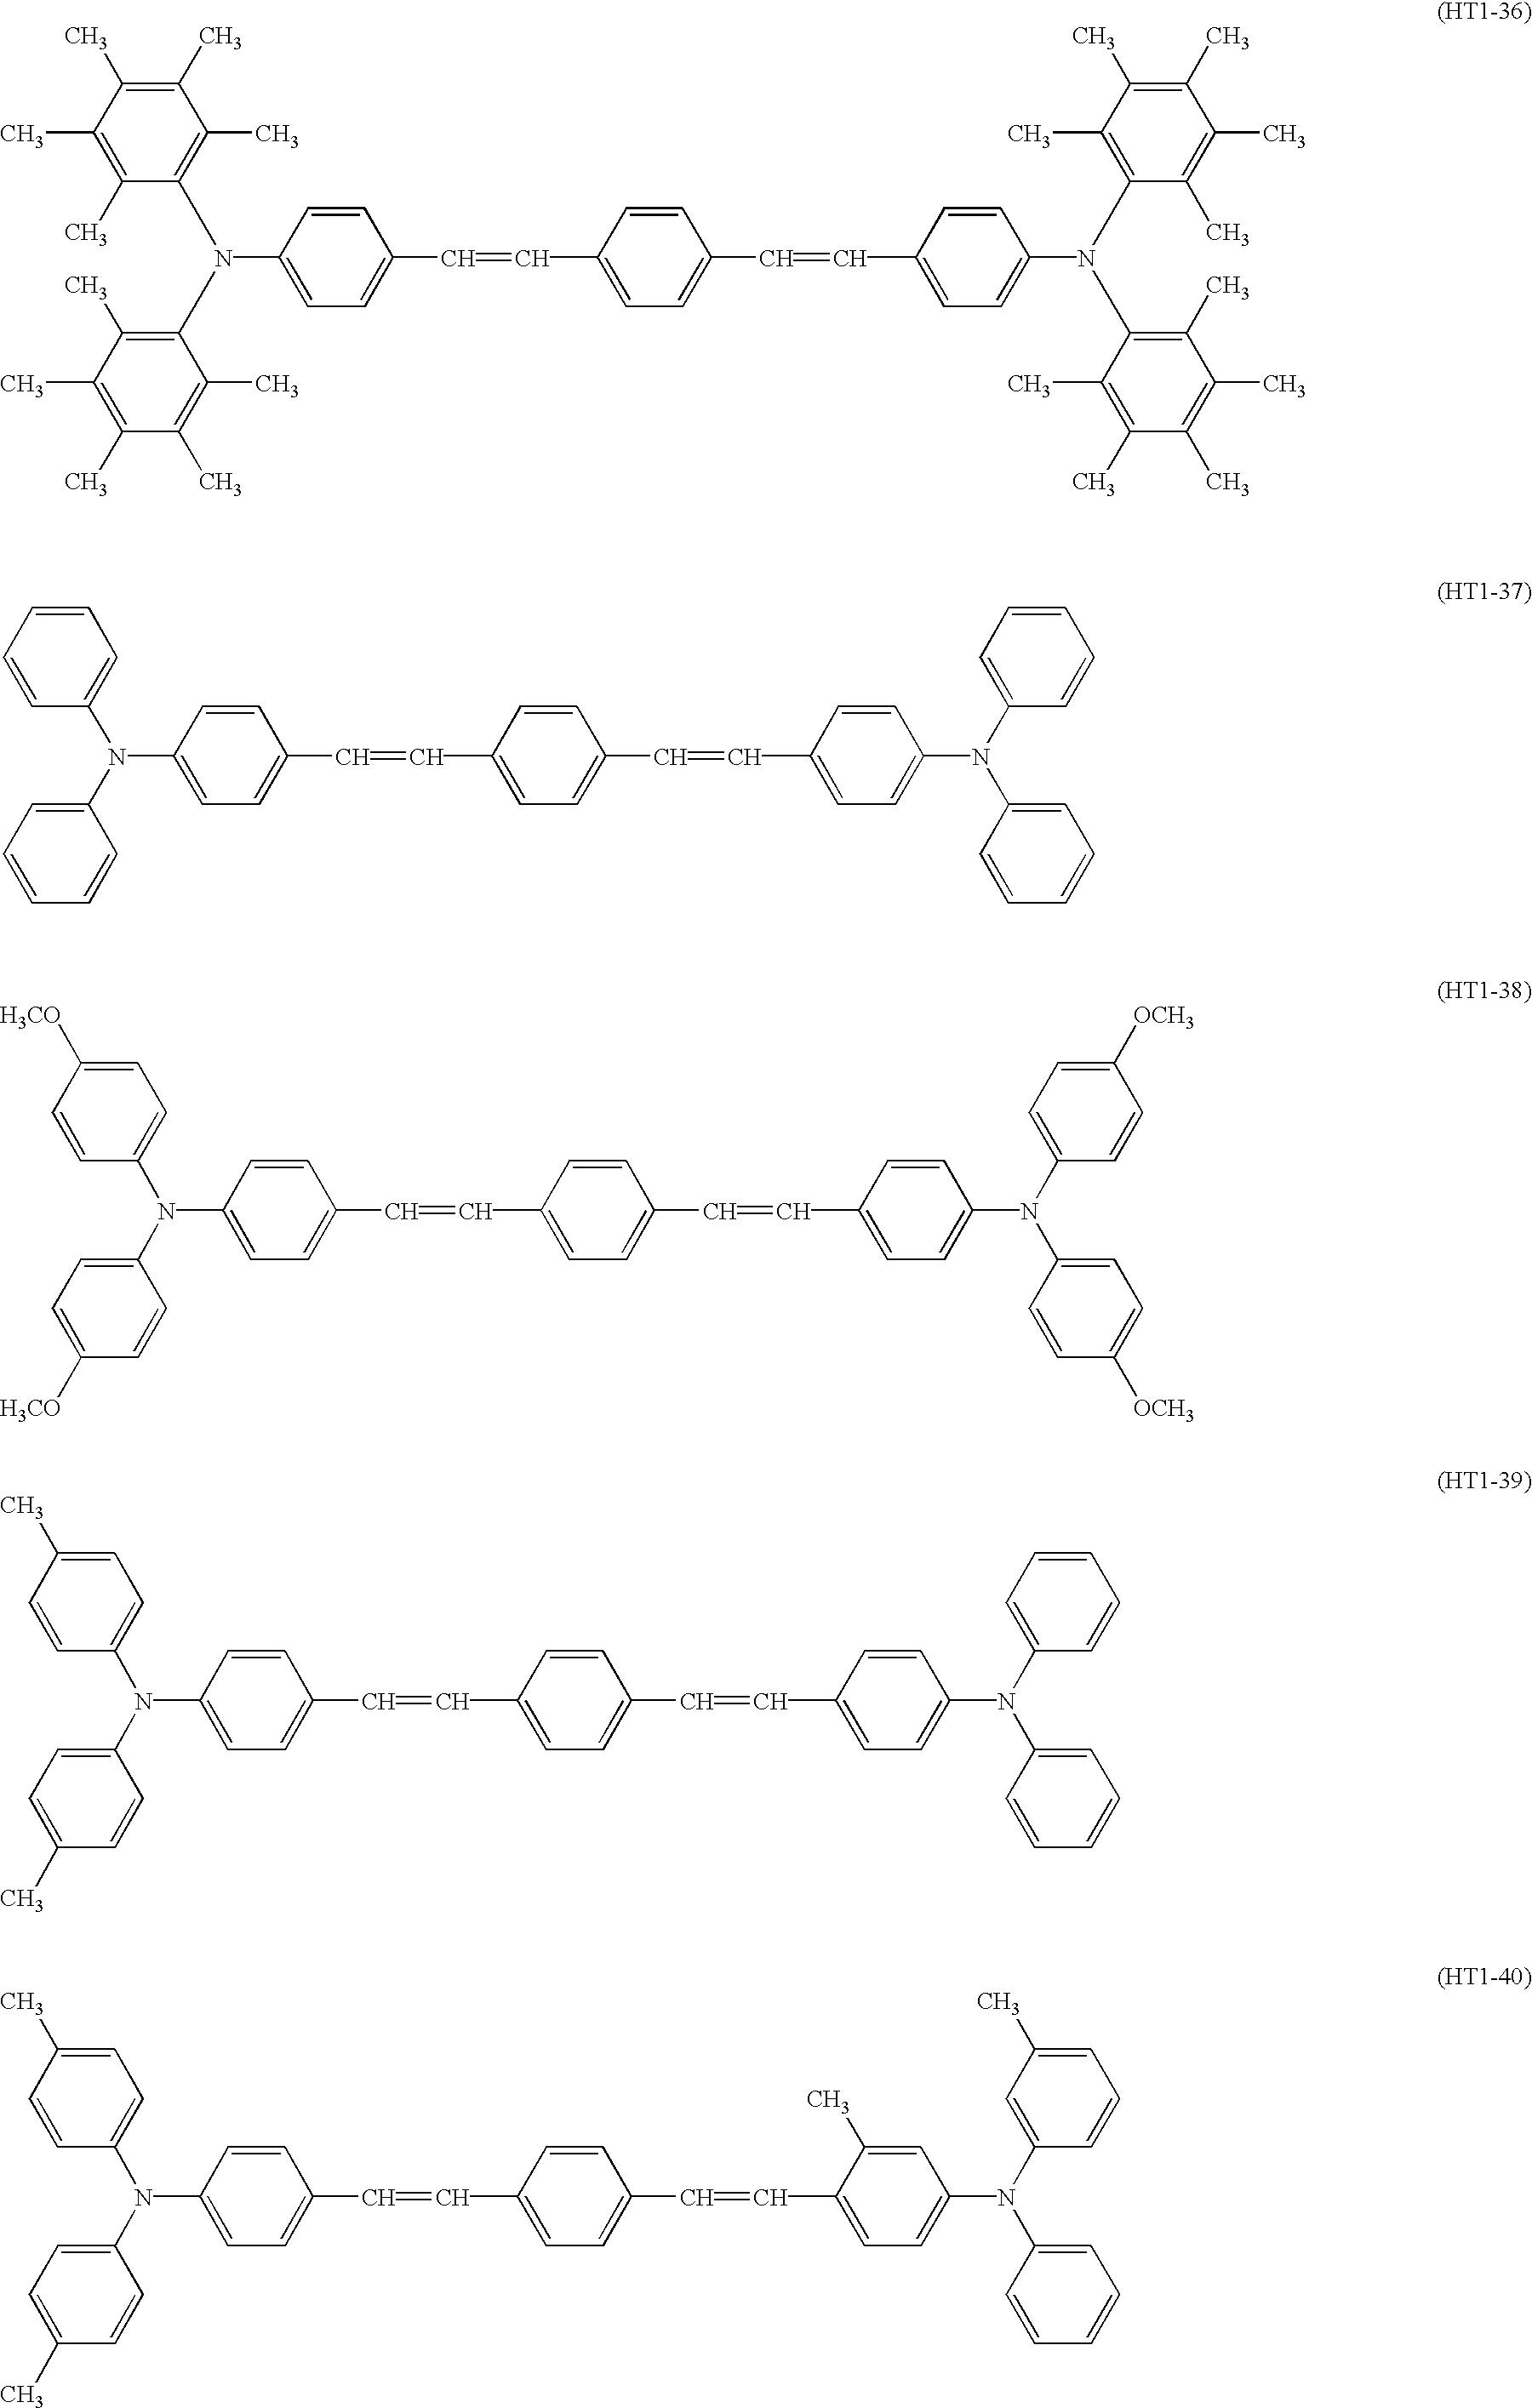 Figure US06485873-20021126-C00064